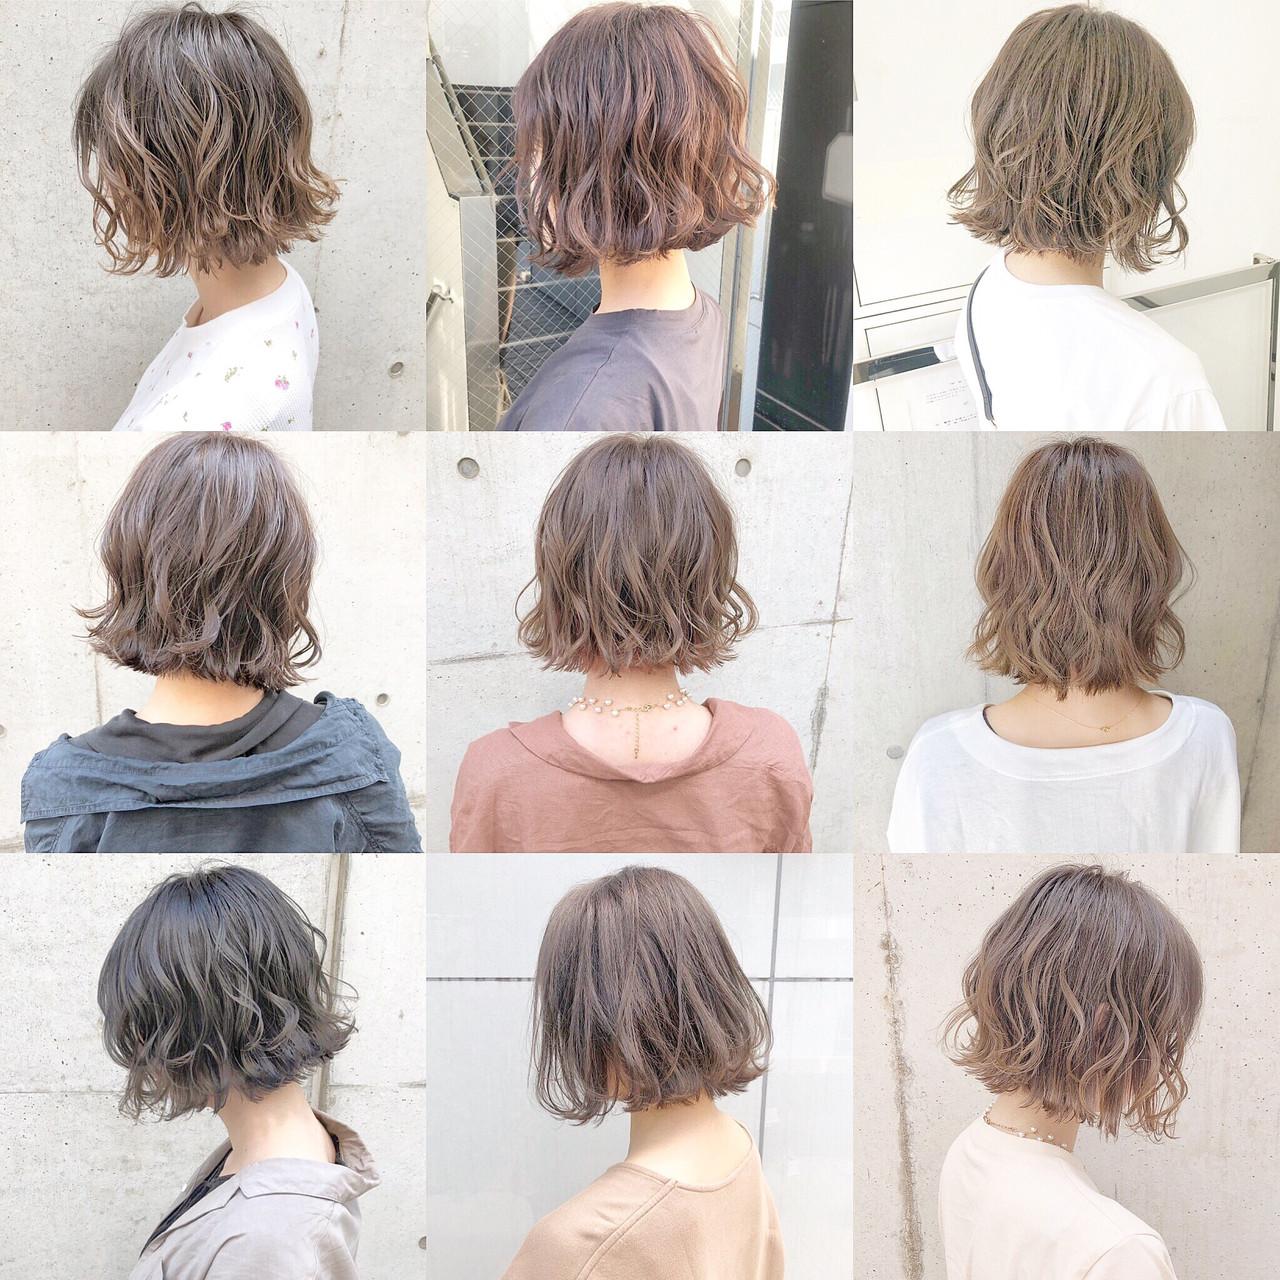 デート オフィス スポーツ ナチュラル ヘアスタイルや髪型の写真・画像